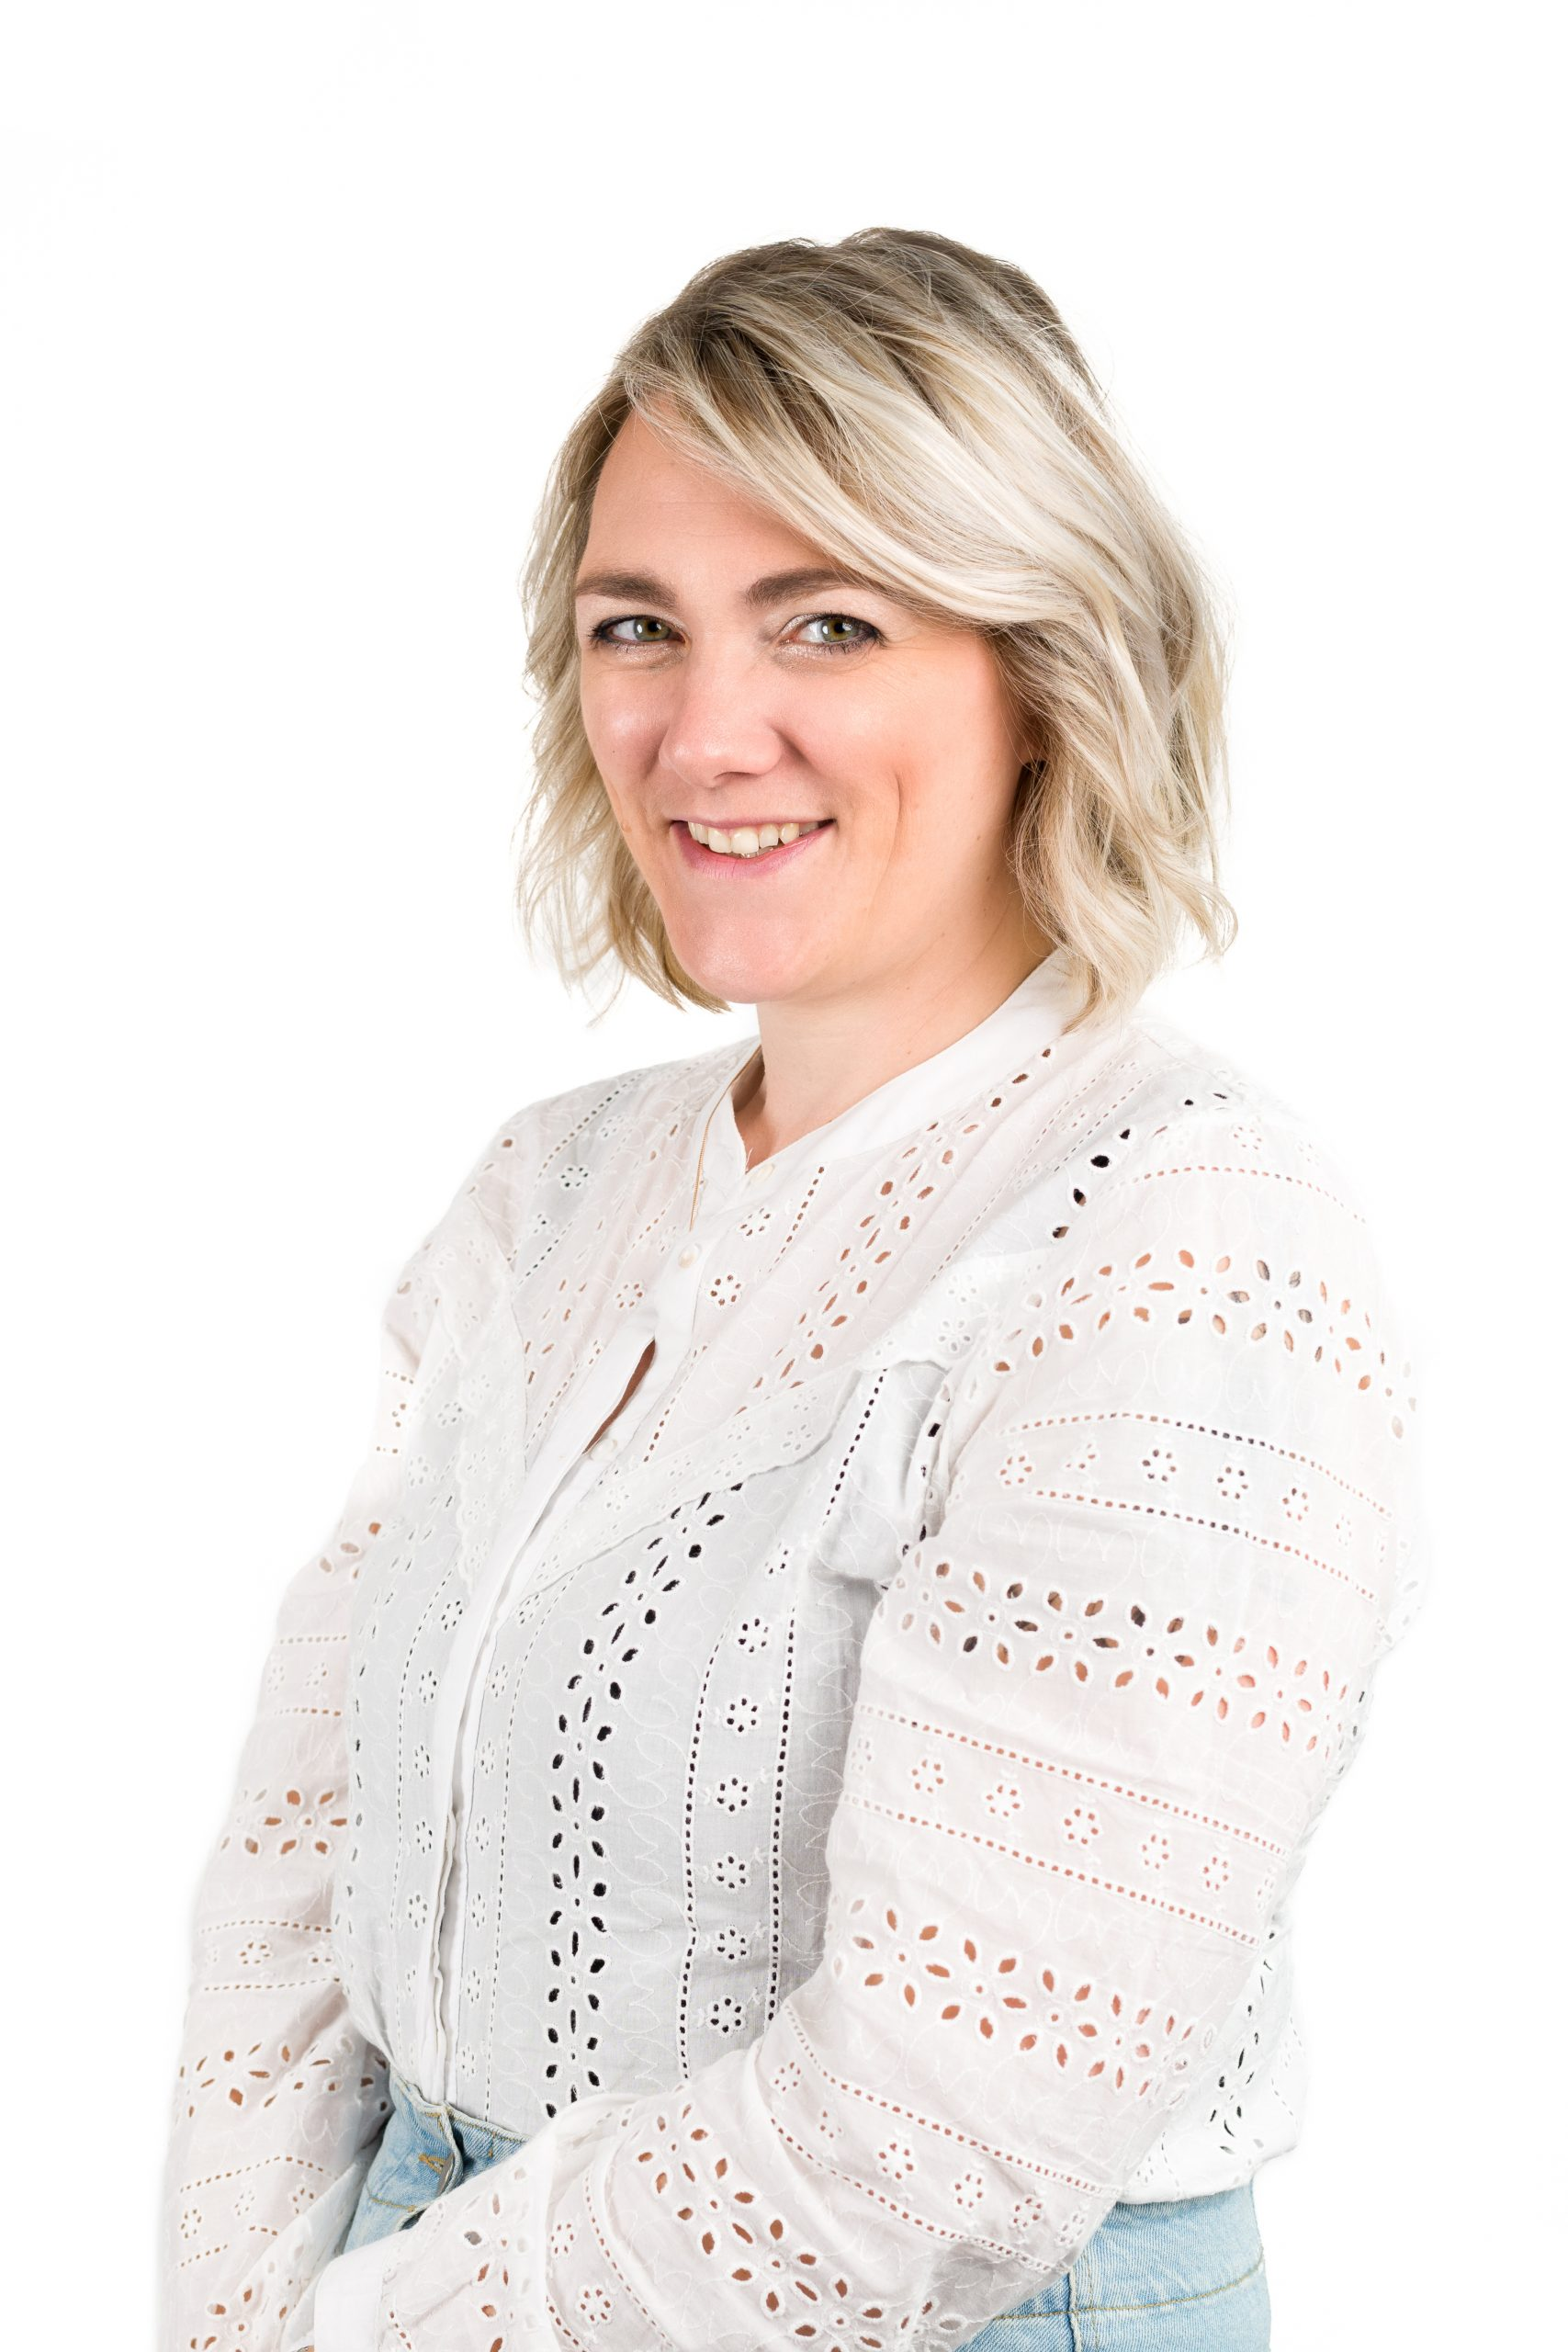 Lisette Sier